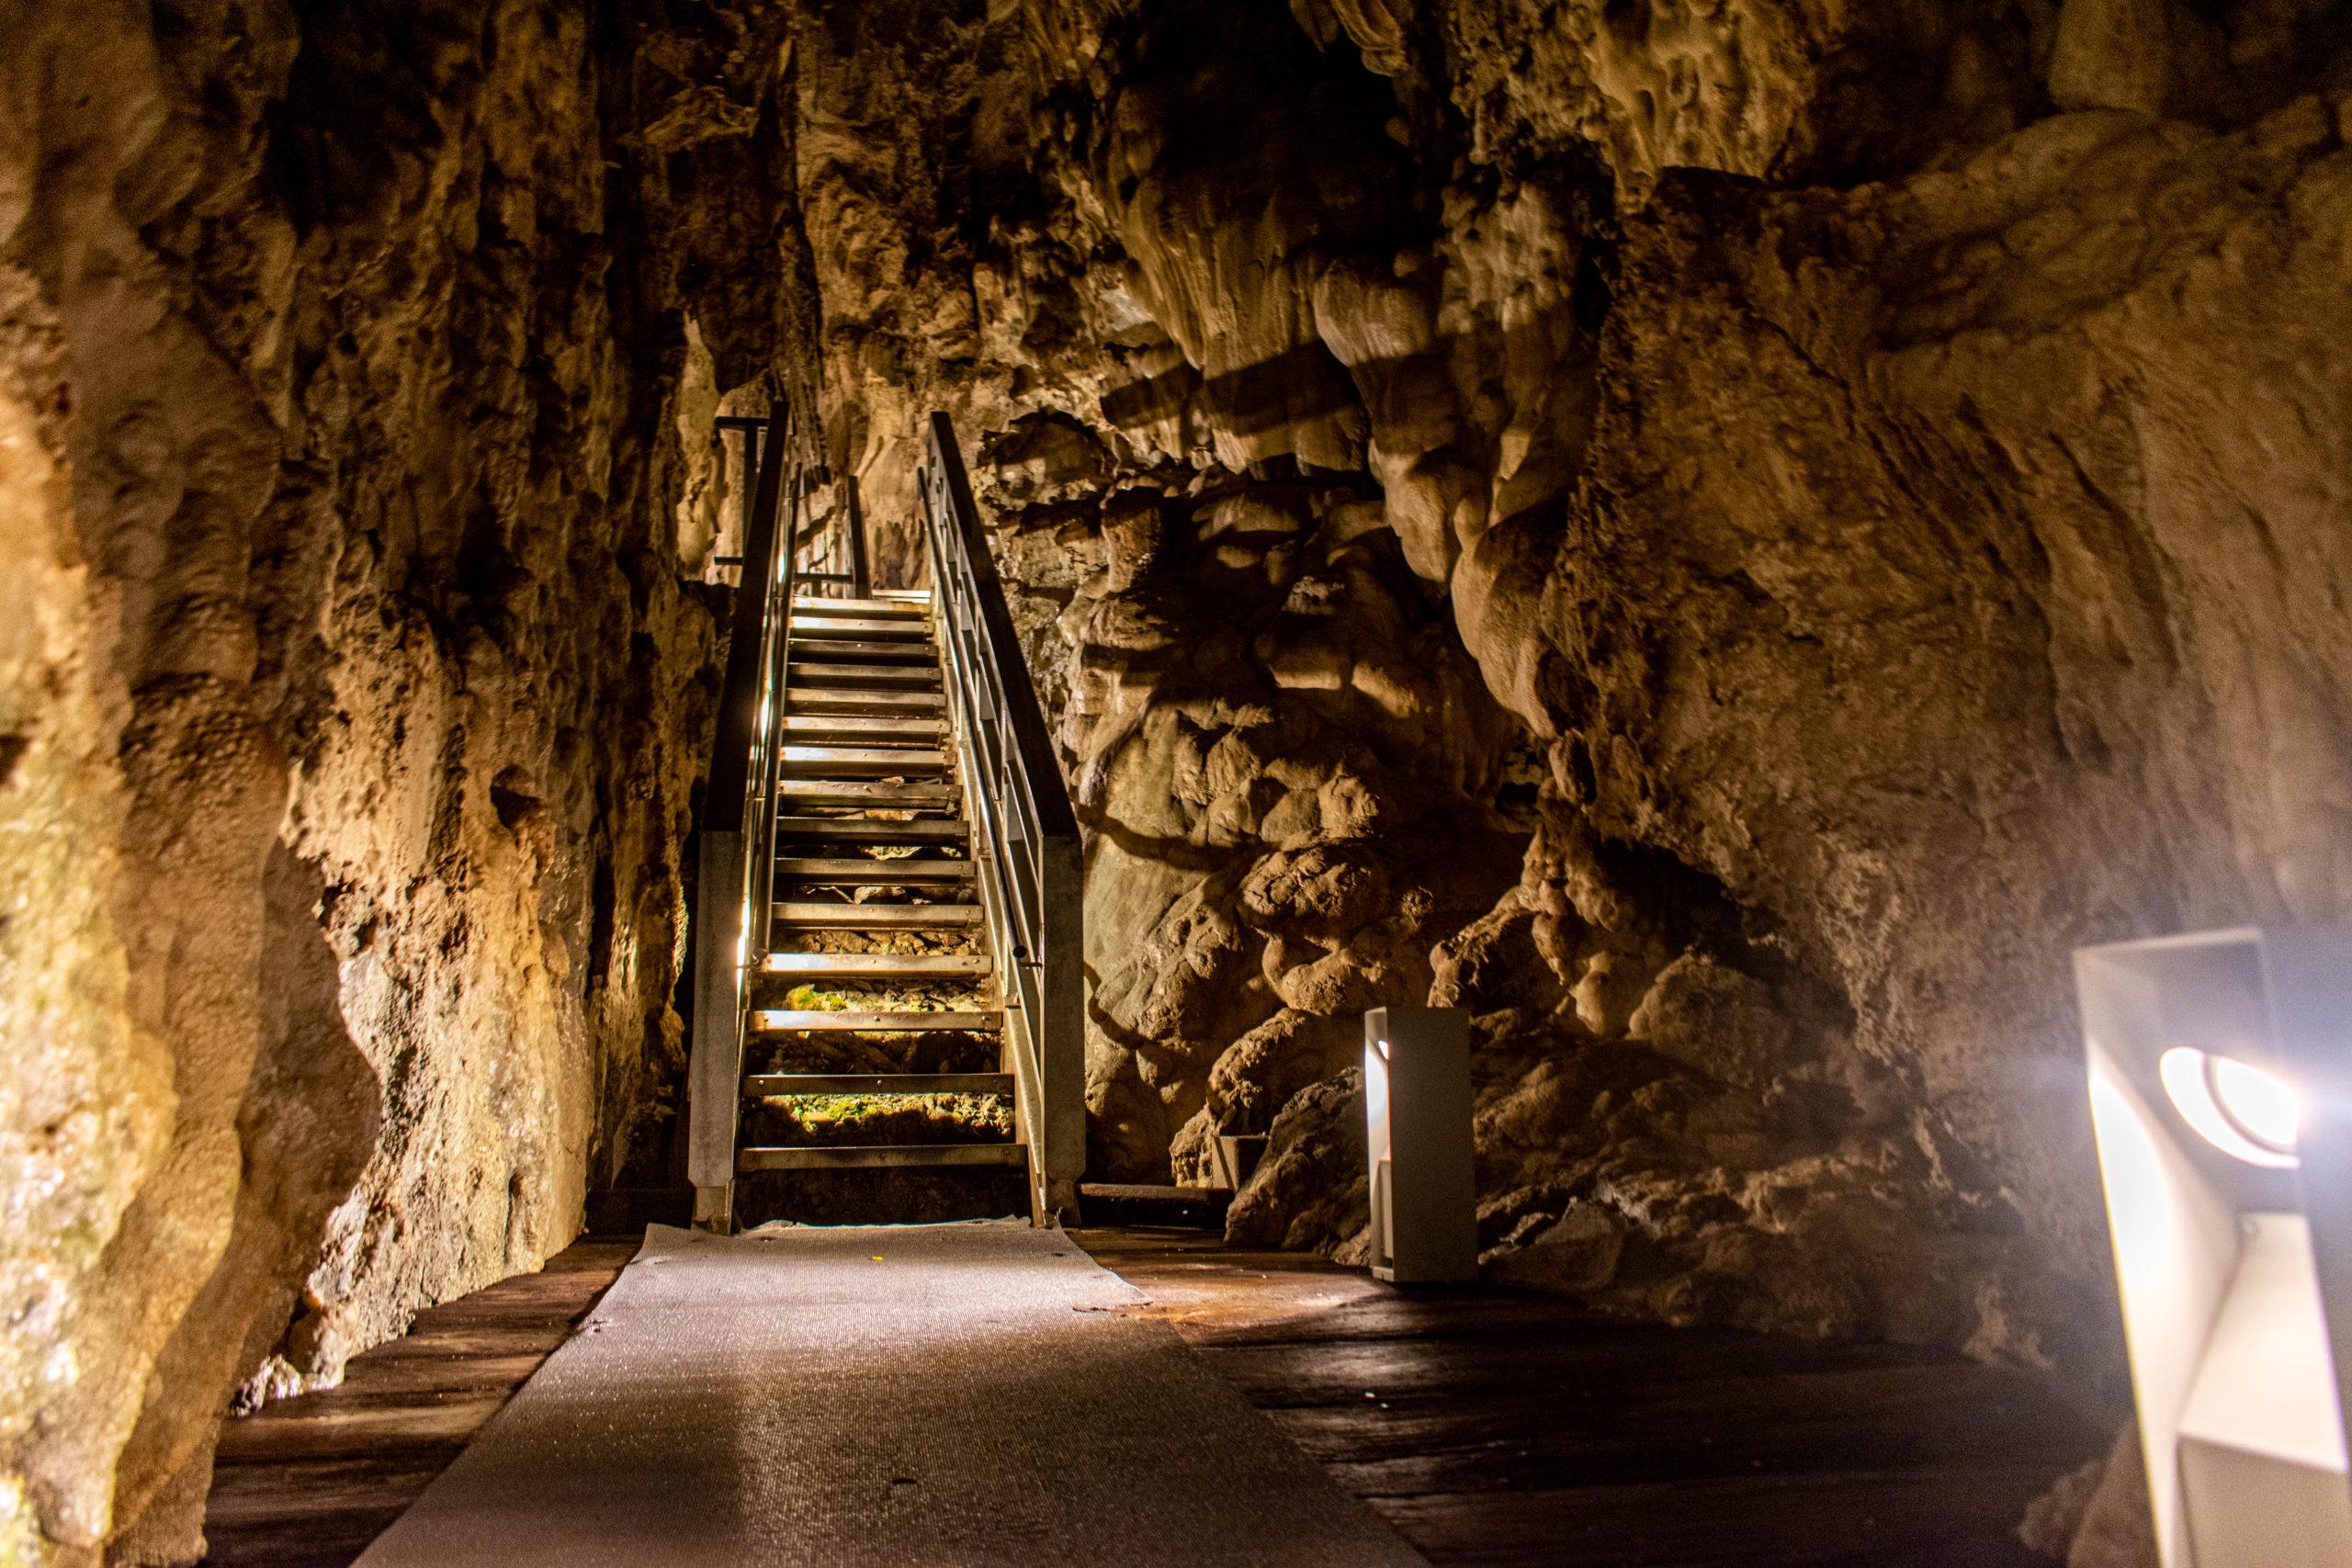 日本で1番知られている鍾乳洞!?岩手県の龍泉洞への行き方